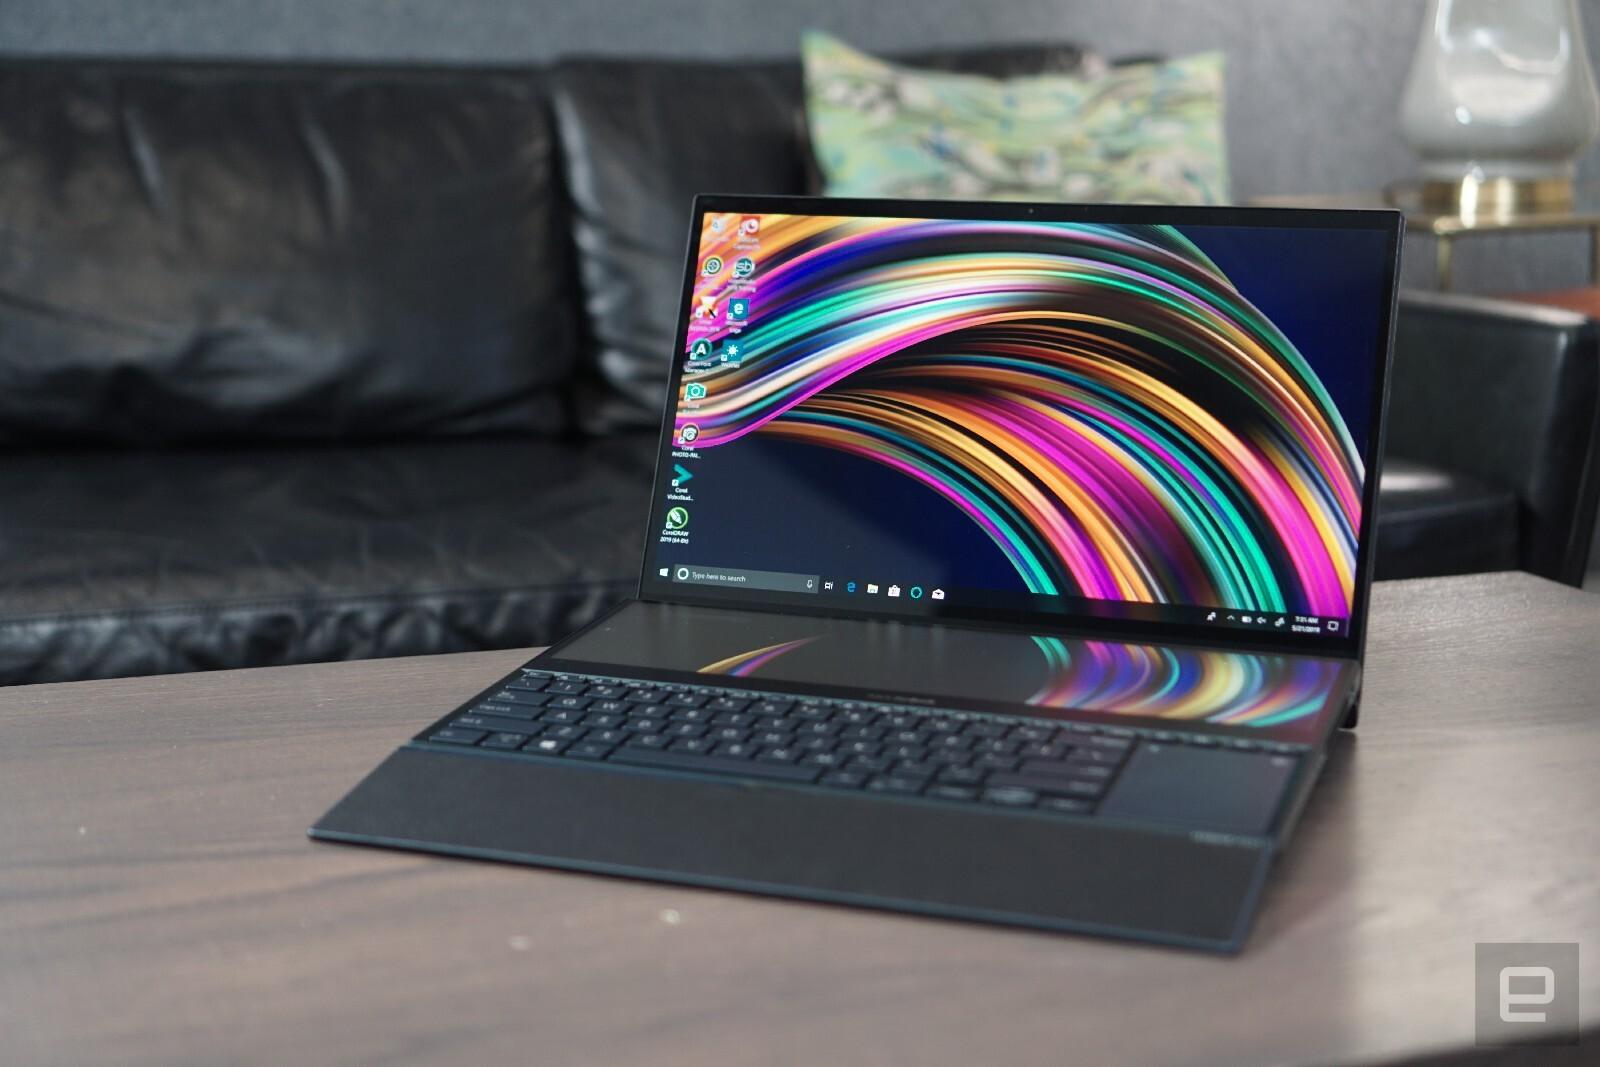 asus-zenbook-pro-duo-hands-on-computex-2019-1